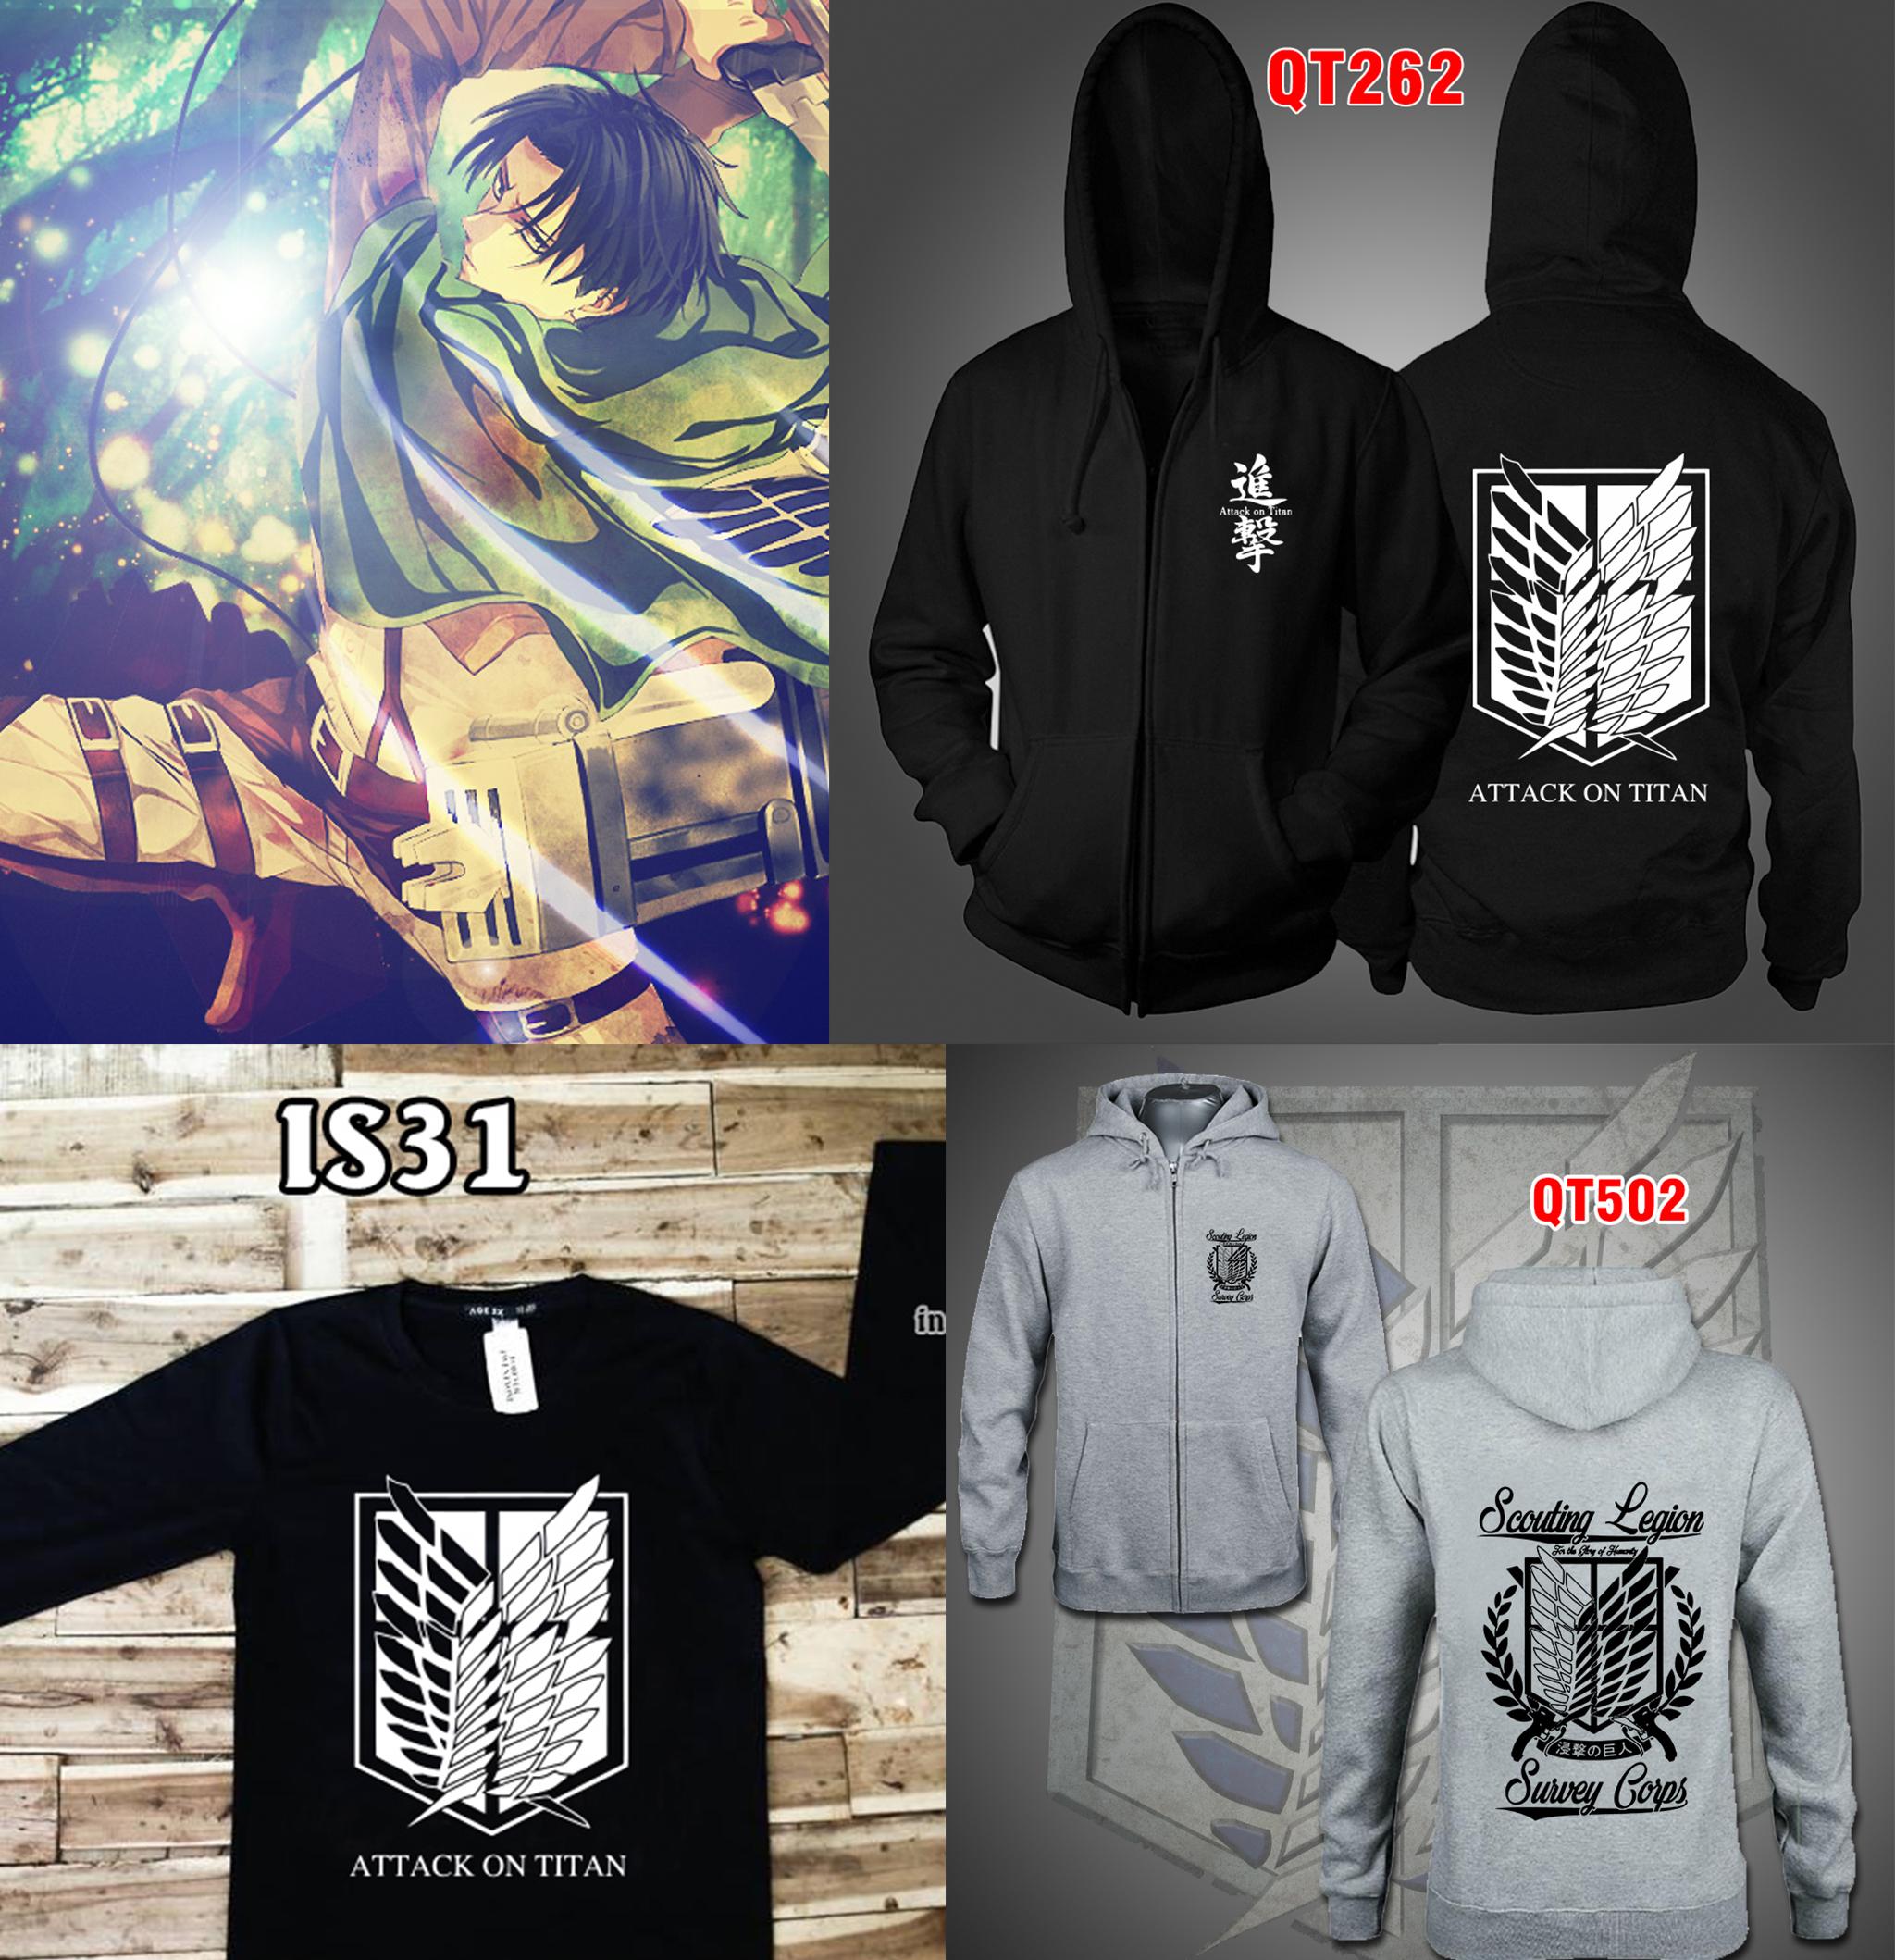 áo khoác attack on titan tphcm giá rẻ in theo yêu cầu